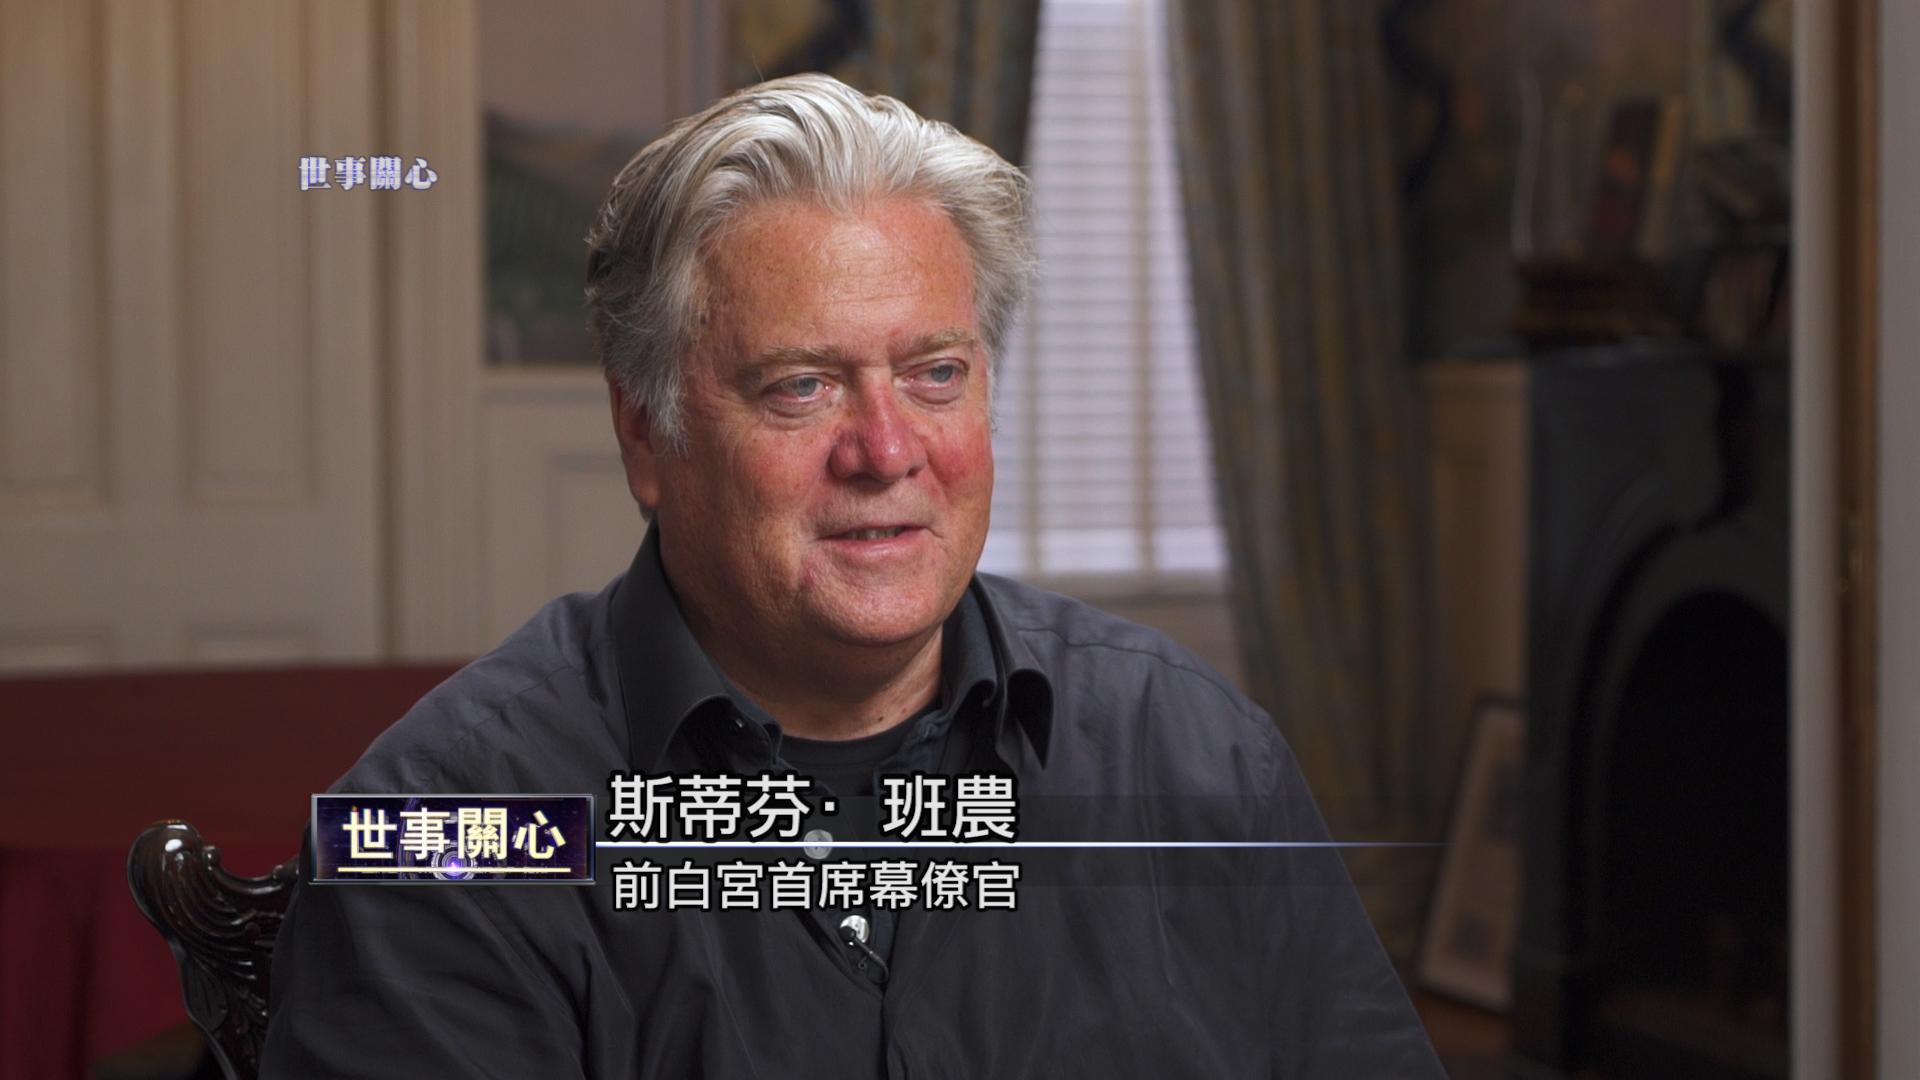 專訪班農:香港若重演六四 中共將滅亡(上)